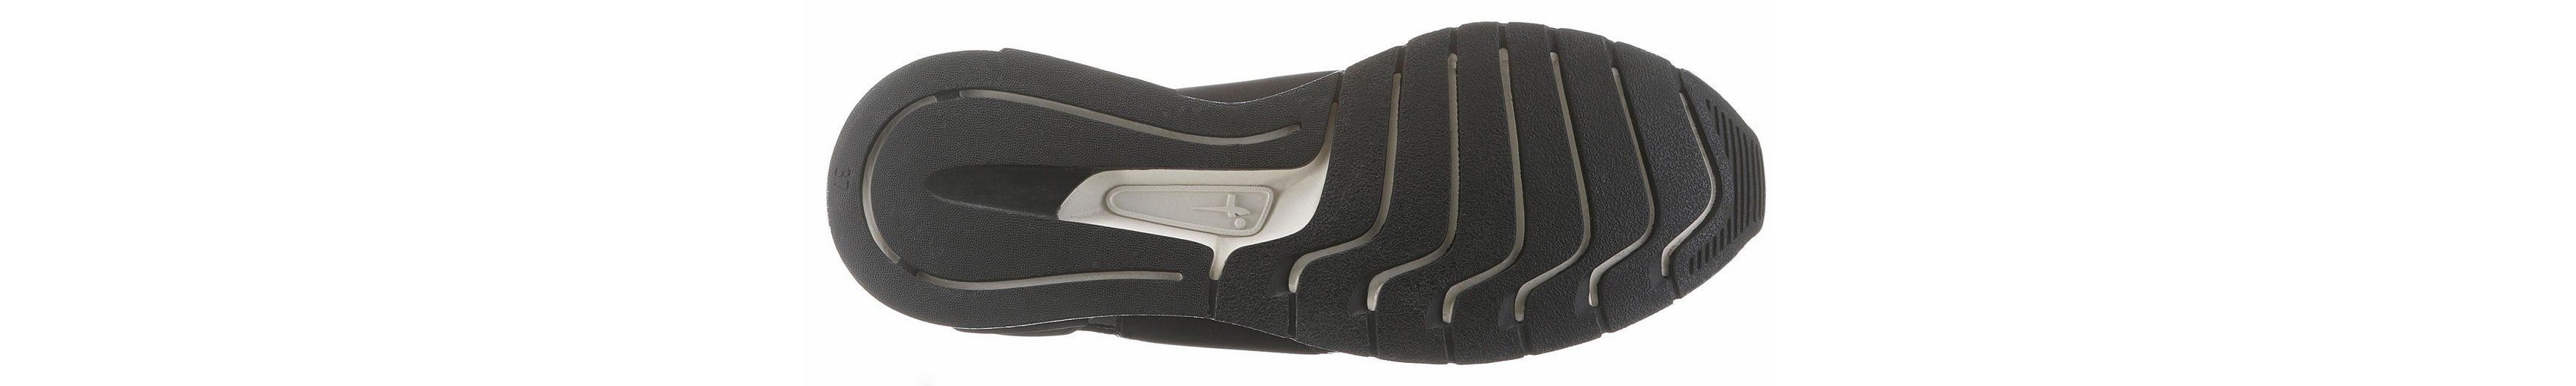 Tamaris Fashletics Slip-On Sneaker, mit trendigen Schmucksteinchen